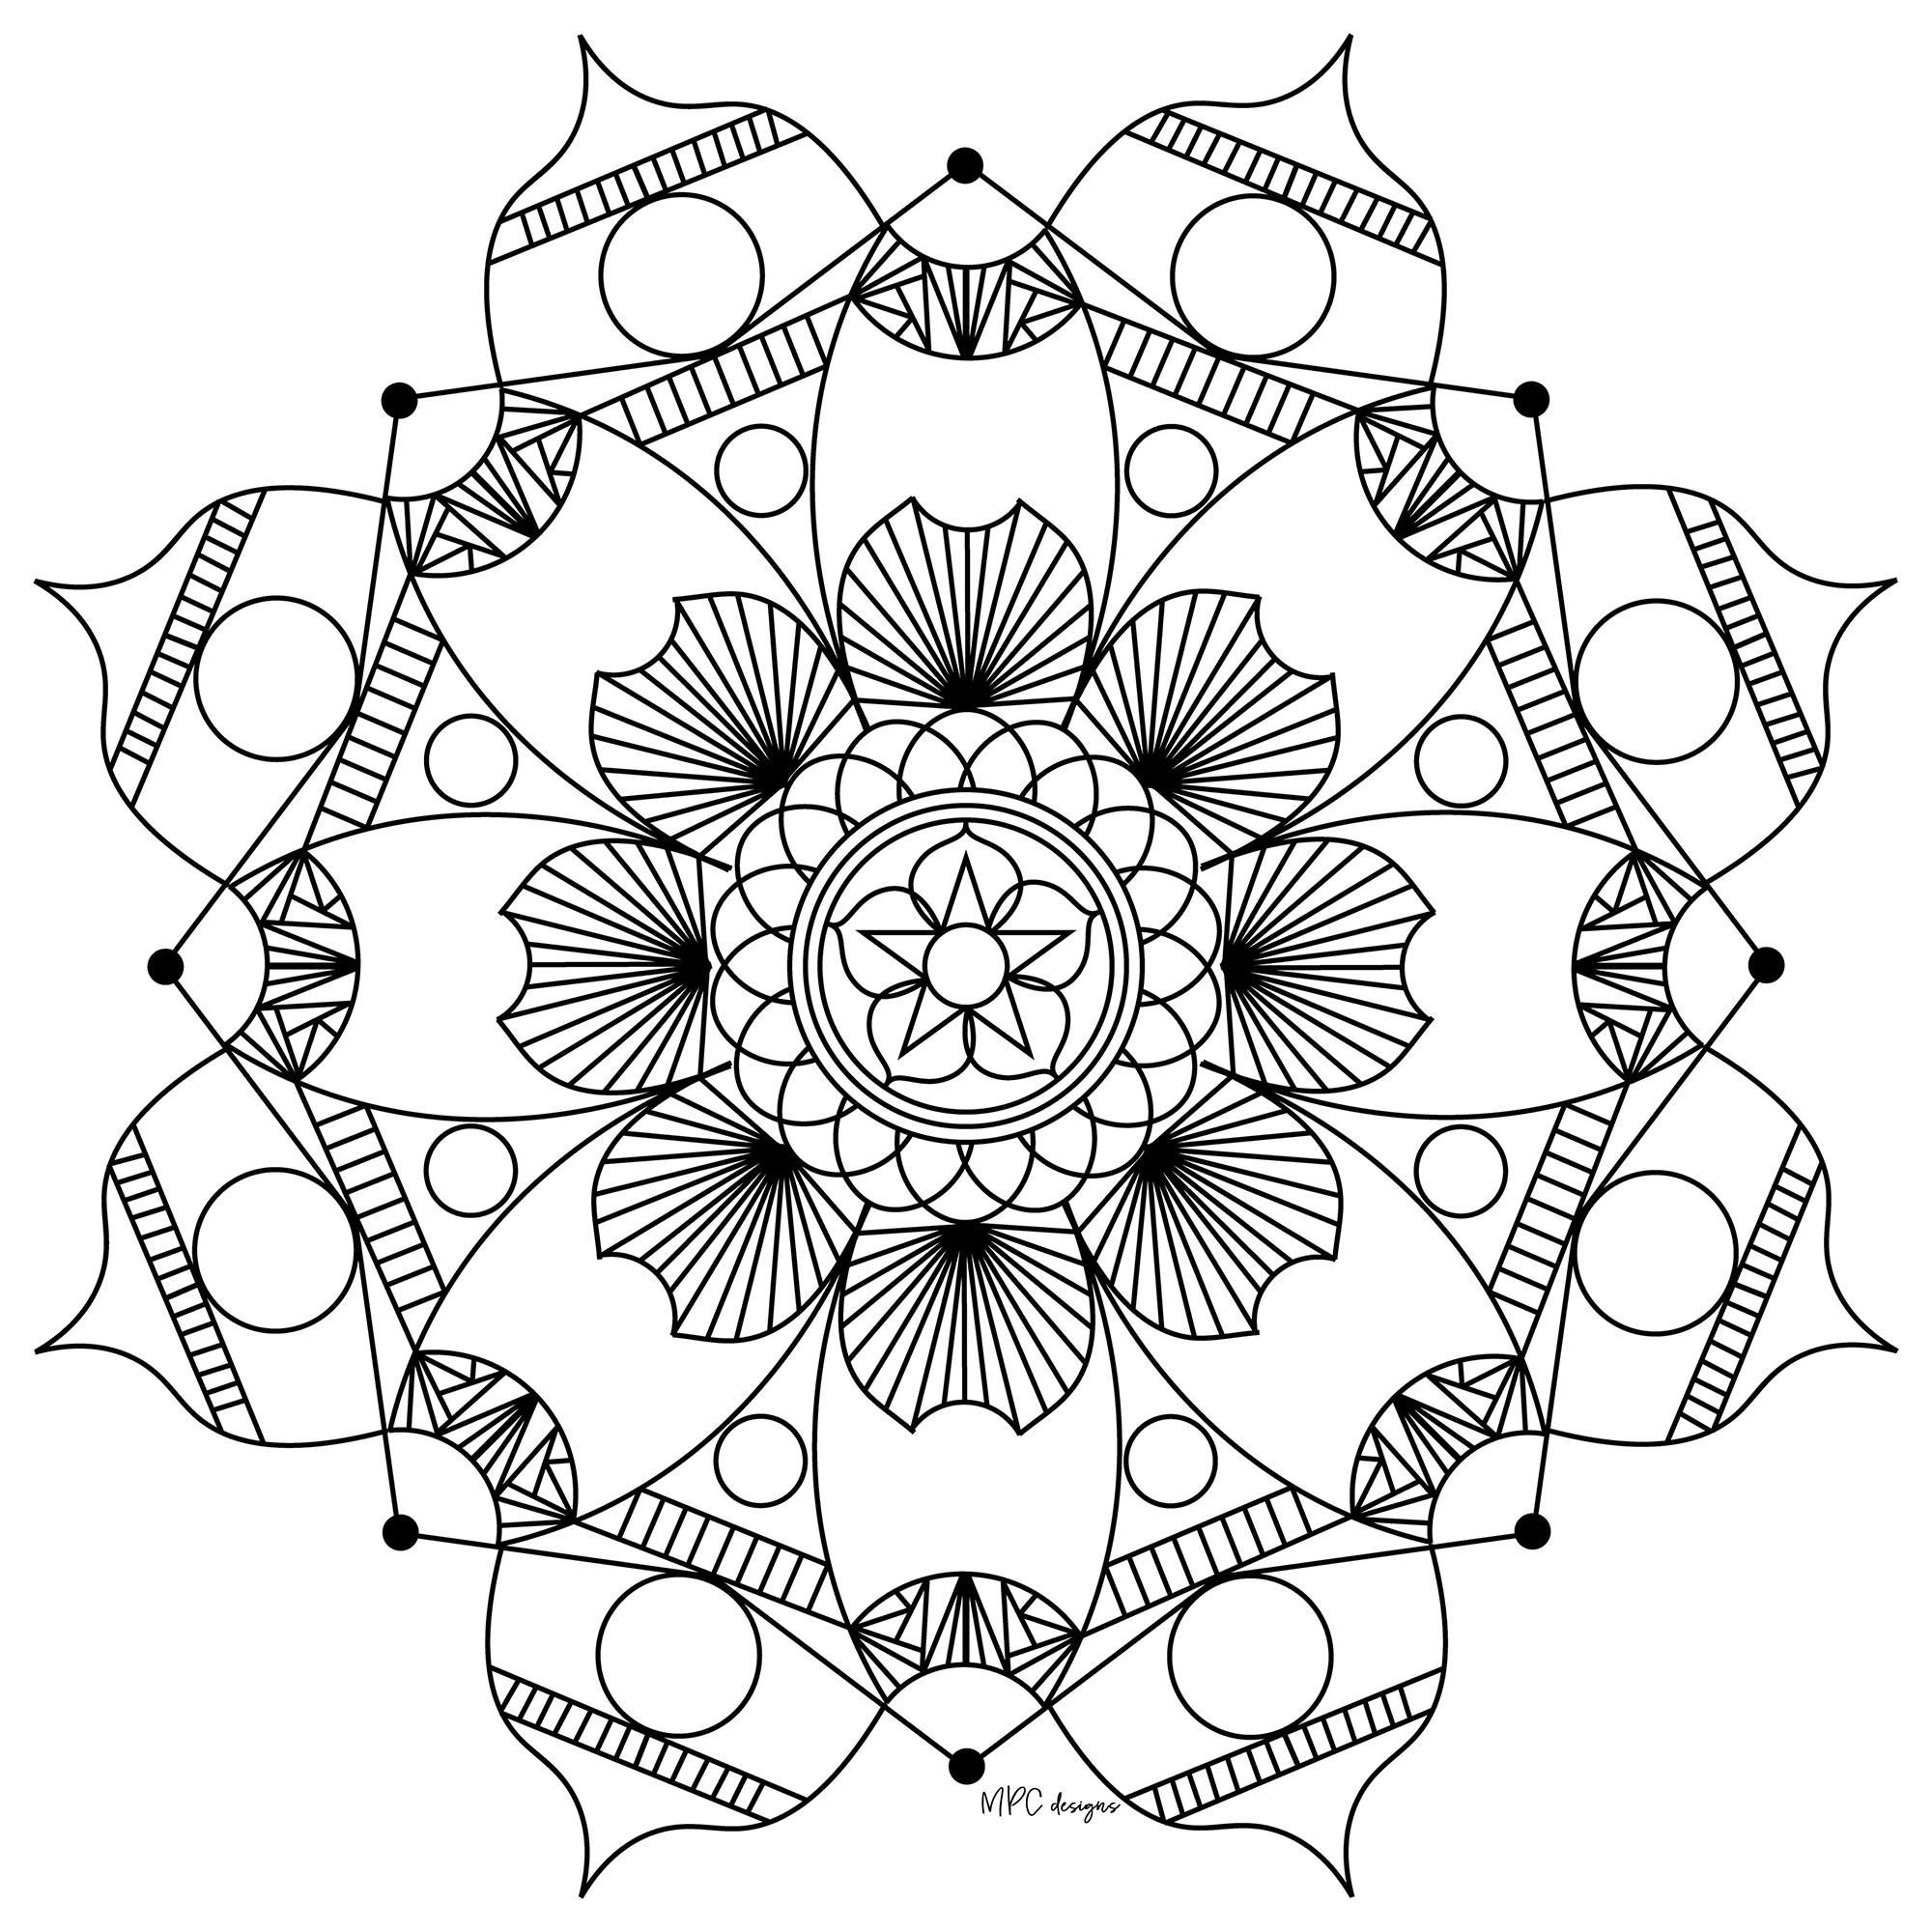 Mandala To Print & Color - Zen & Anti-Stress Mandalas concernant Coloriages Zen